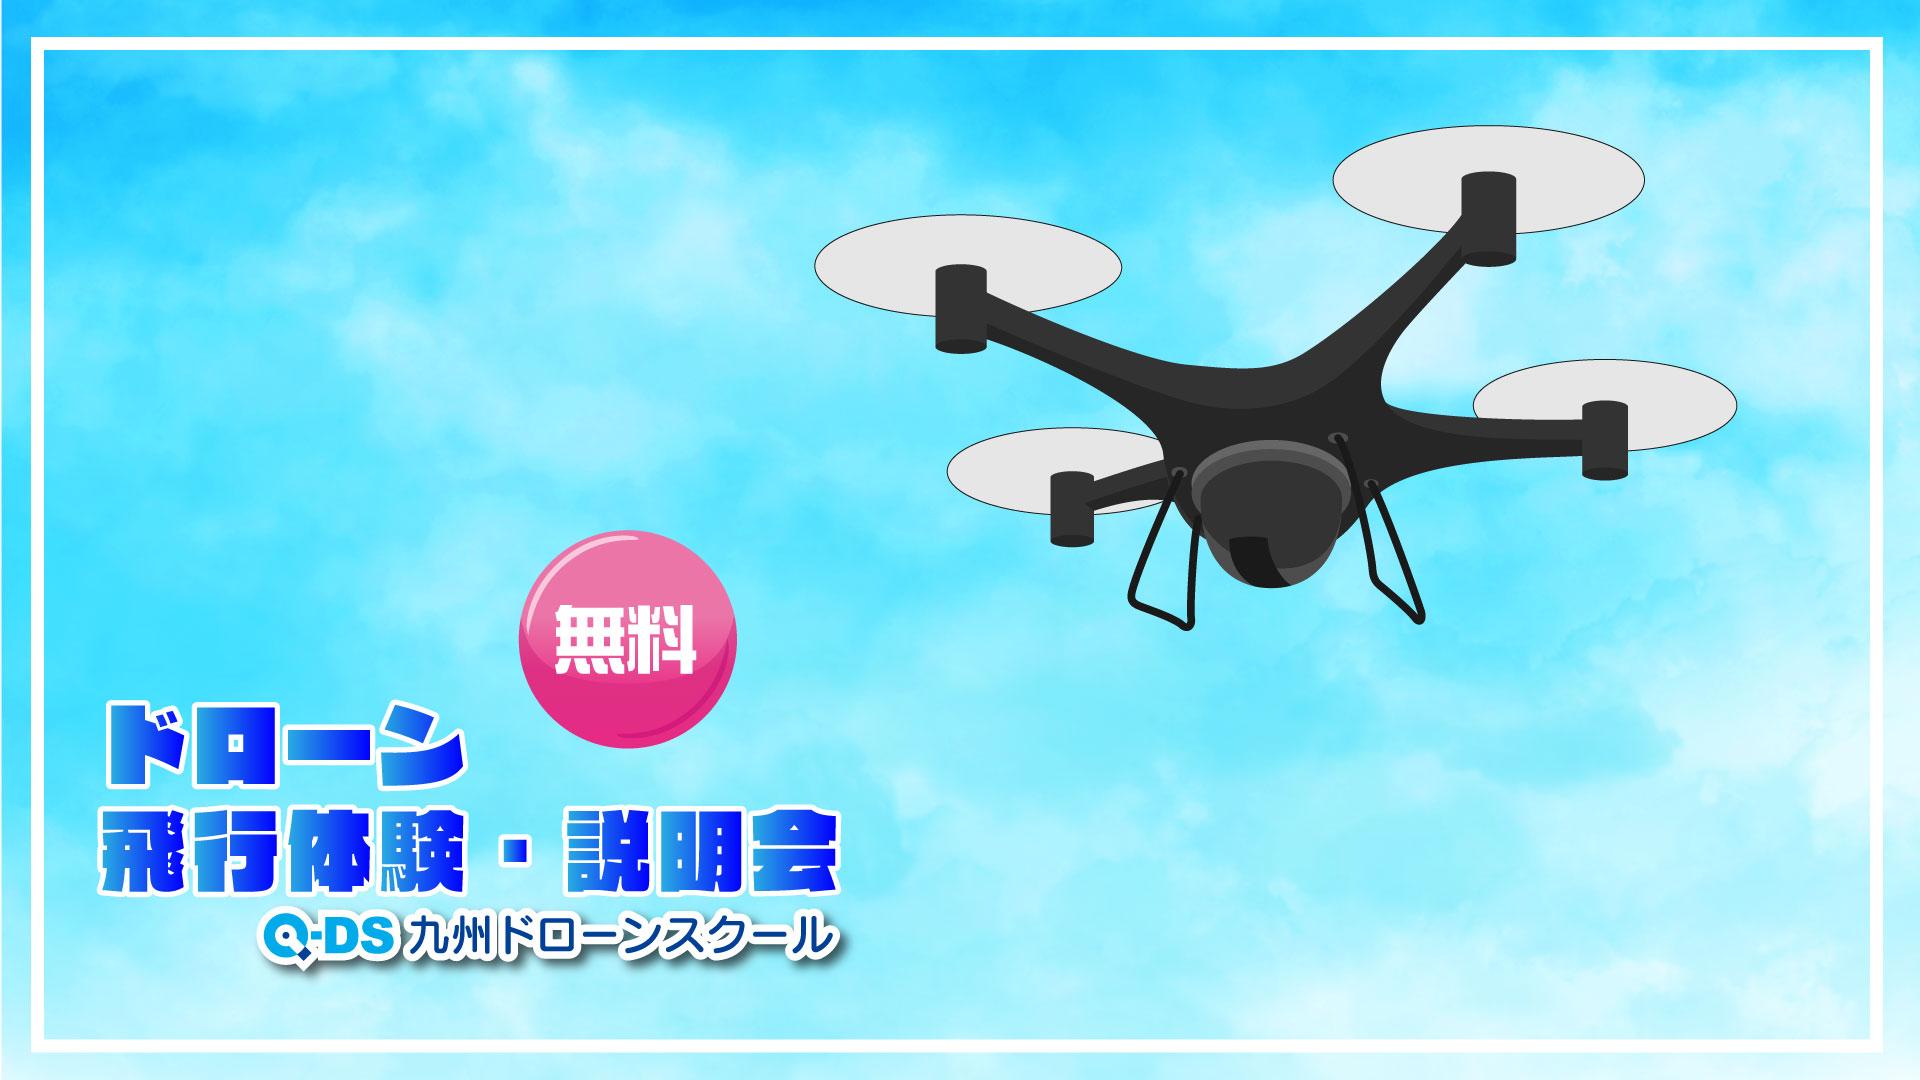 2021年1月熊本市で無料ドローン体験会